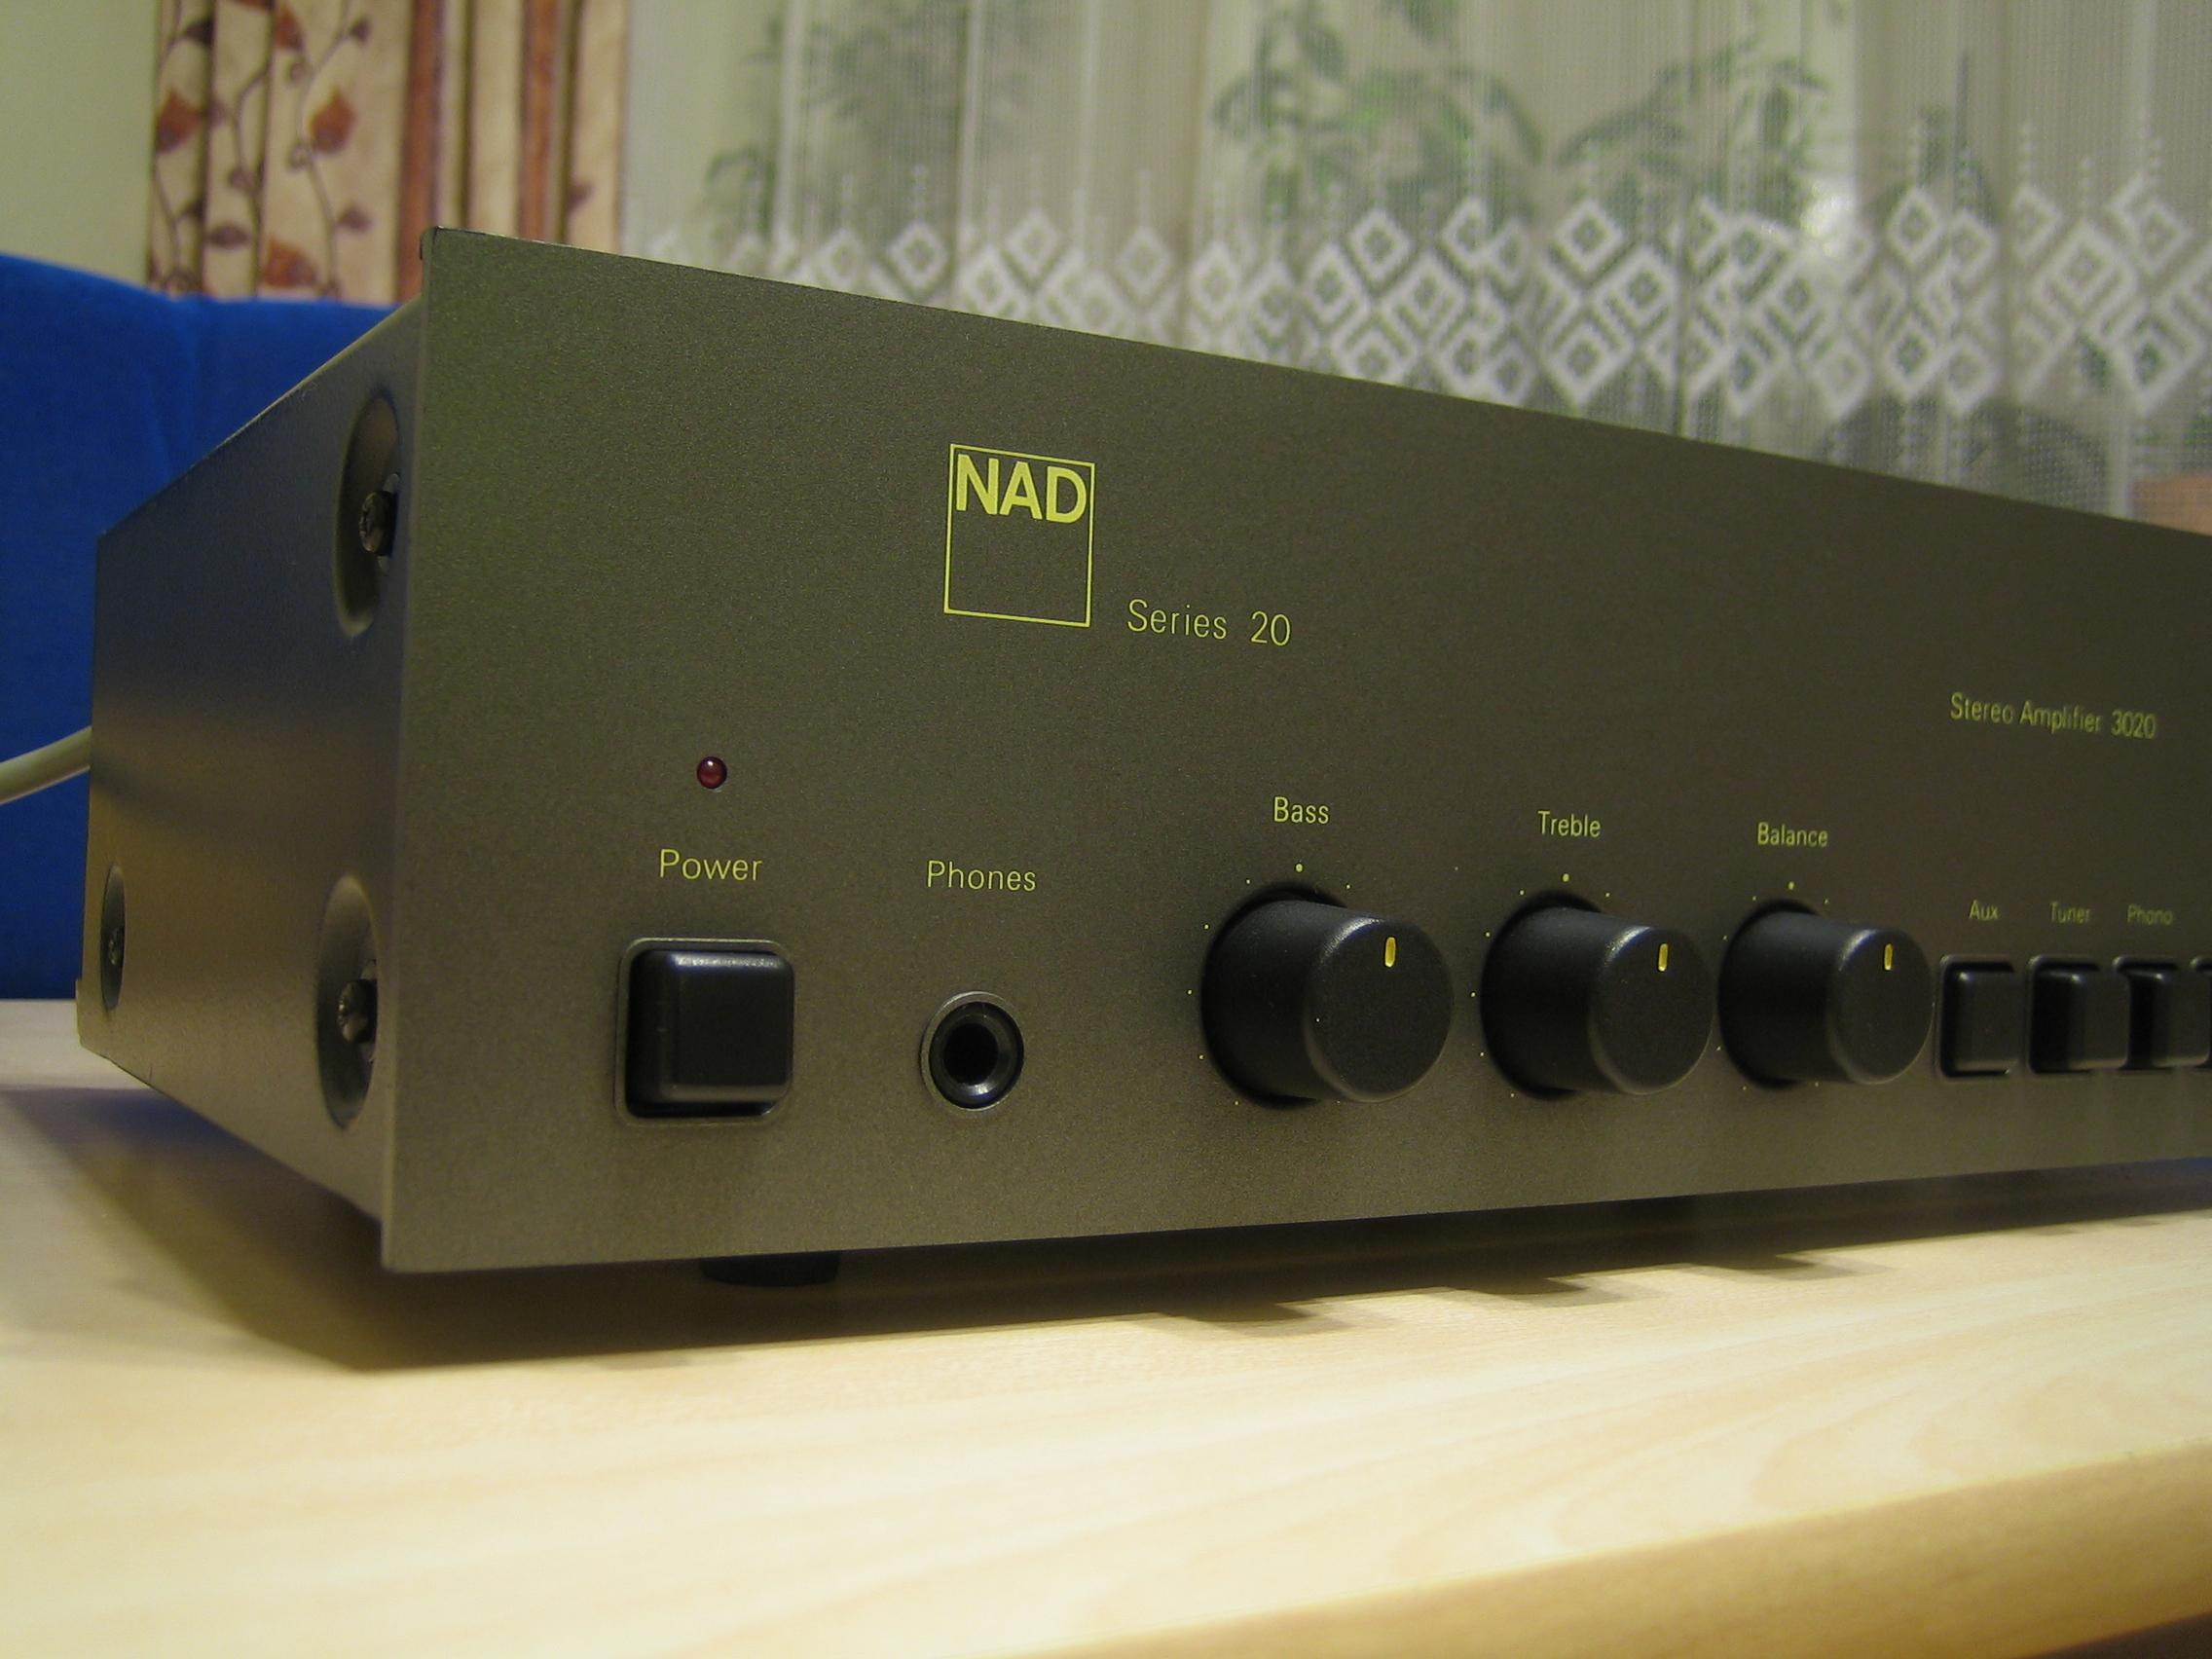 [Sprzedam] Wzmacniacz stereo NAD 3020 - legenda klasyki hi-fi